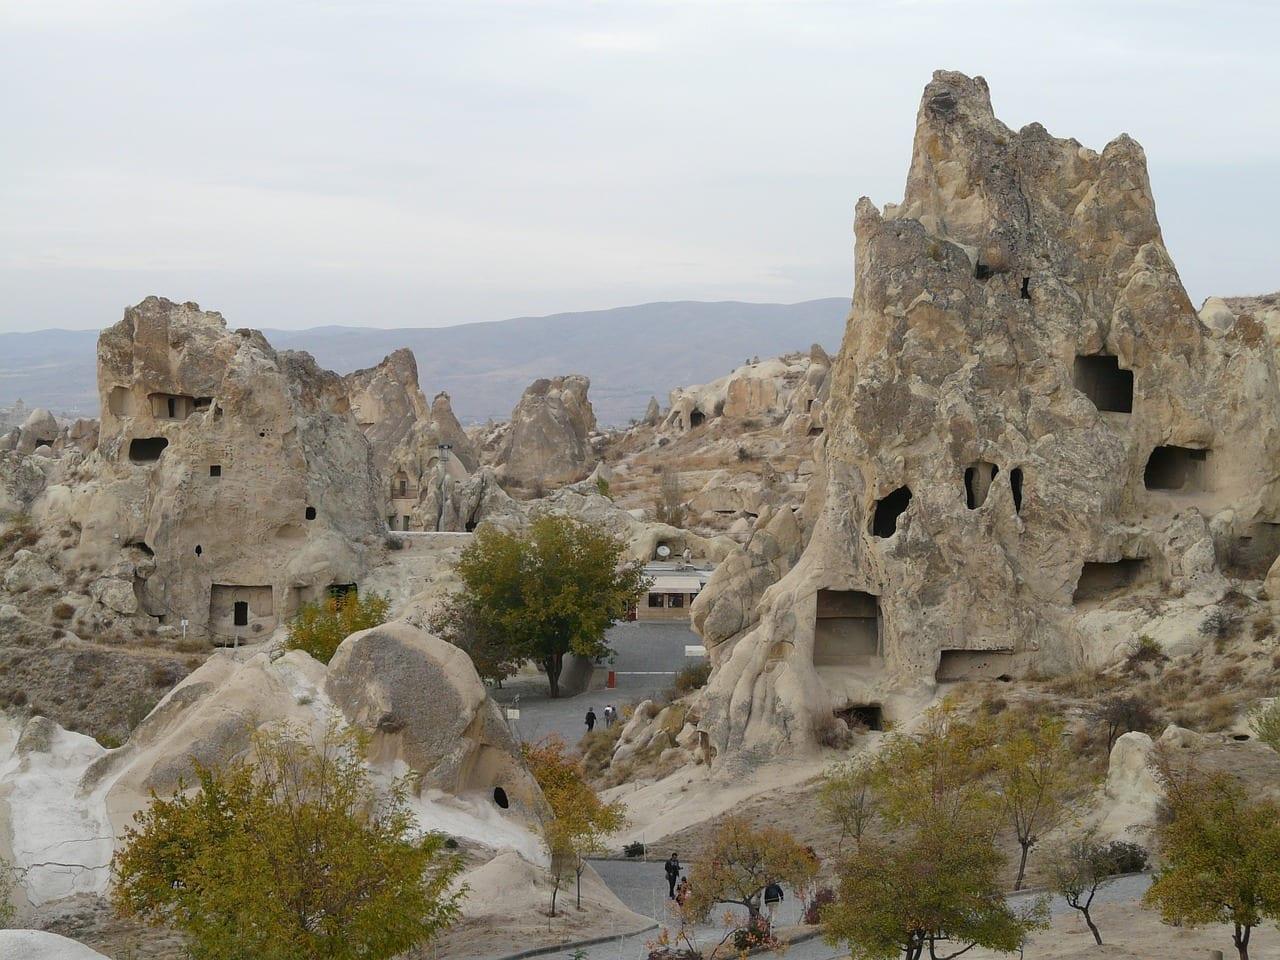 Museo Al Aire Libre Göreme Centro Turístico Turquía